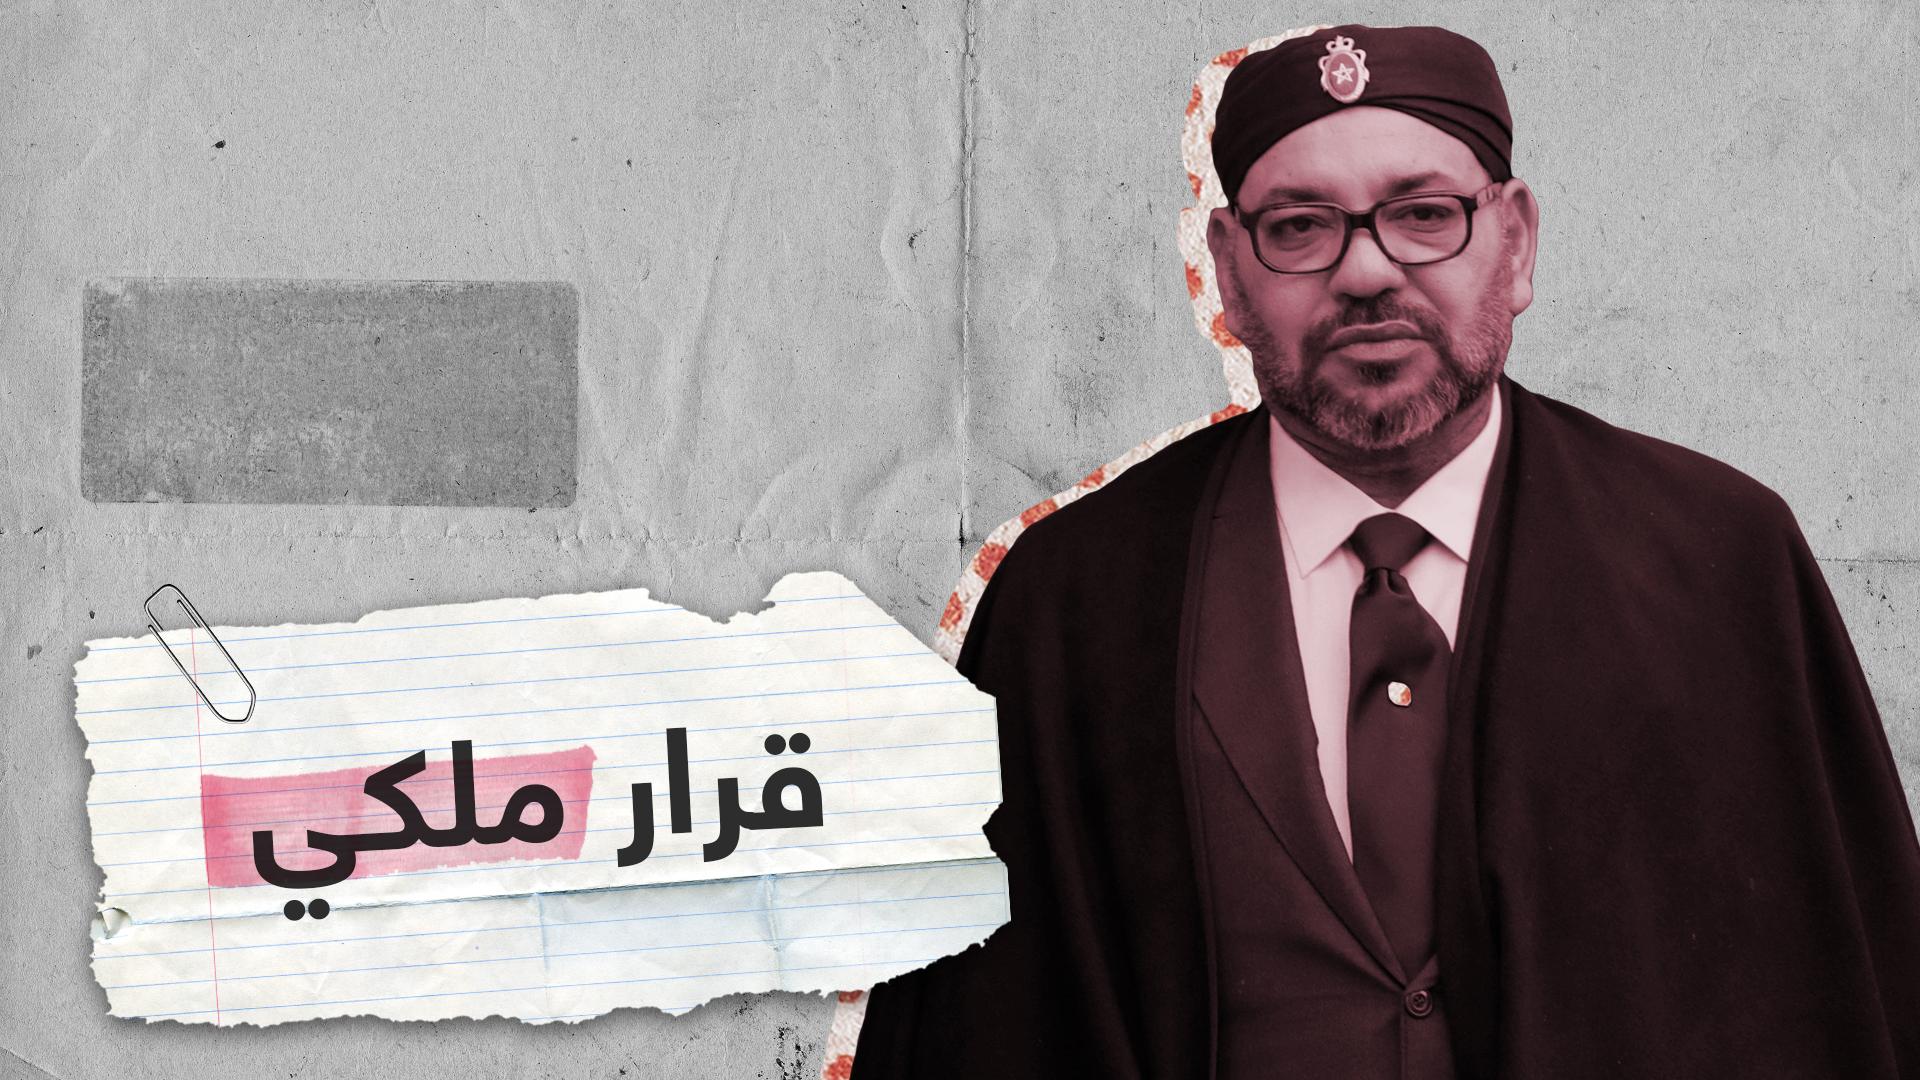 ملك المغرب يلغي الاحتفال الرسمي بعيد ميلاده